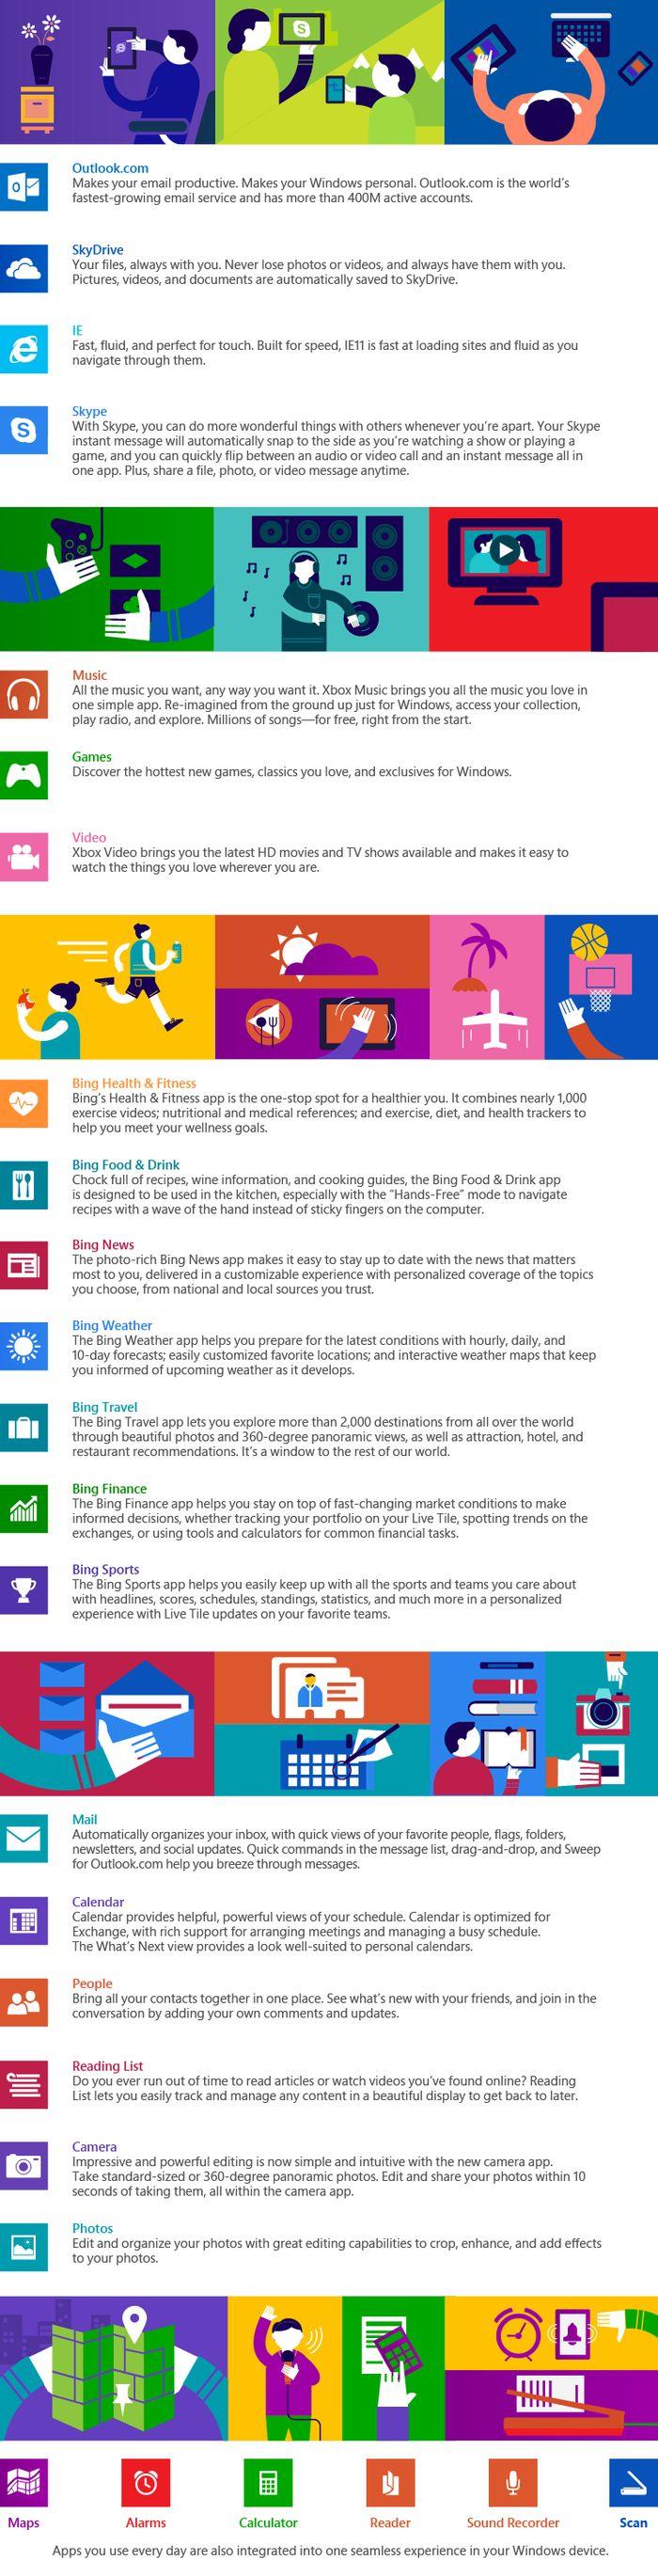 Skype будет интегрирован в Windows 8.1